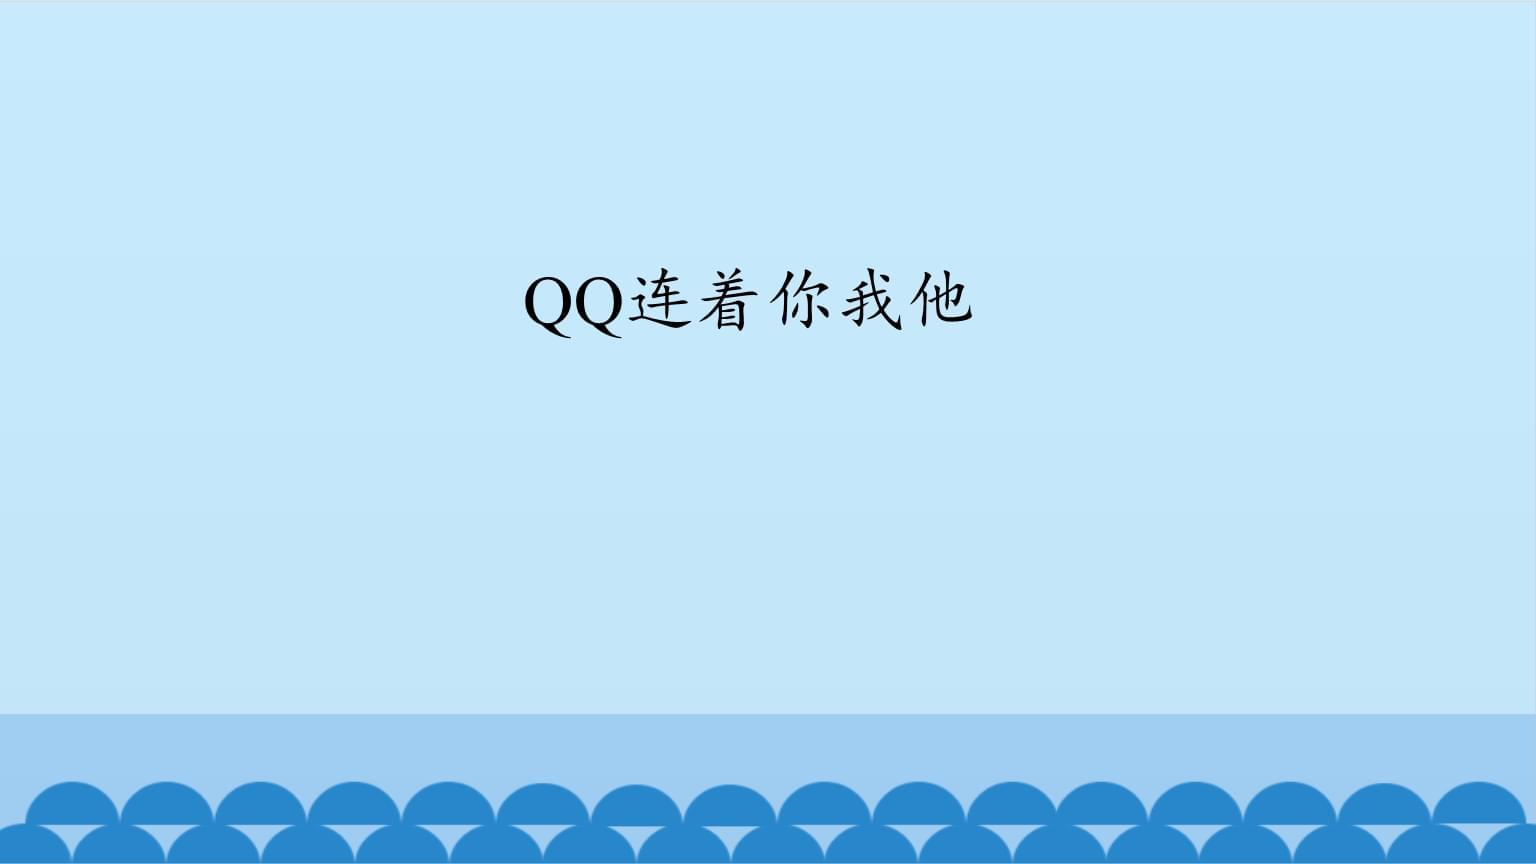 四年级全一册信息技术课件-第十三课 QQ连着你我他 华中科大版(共14张PPT).pptx